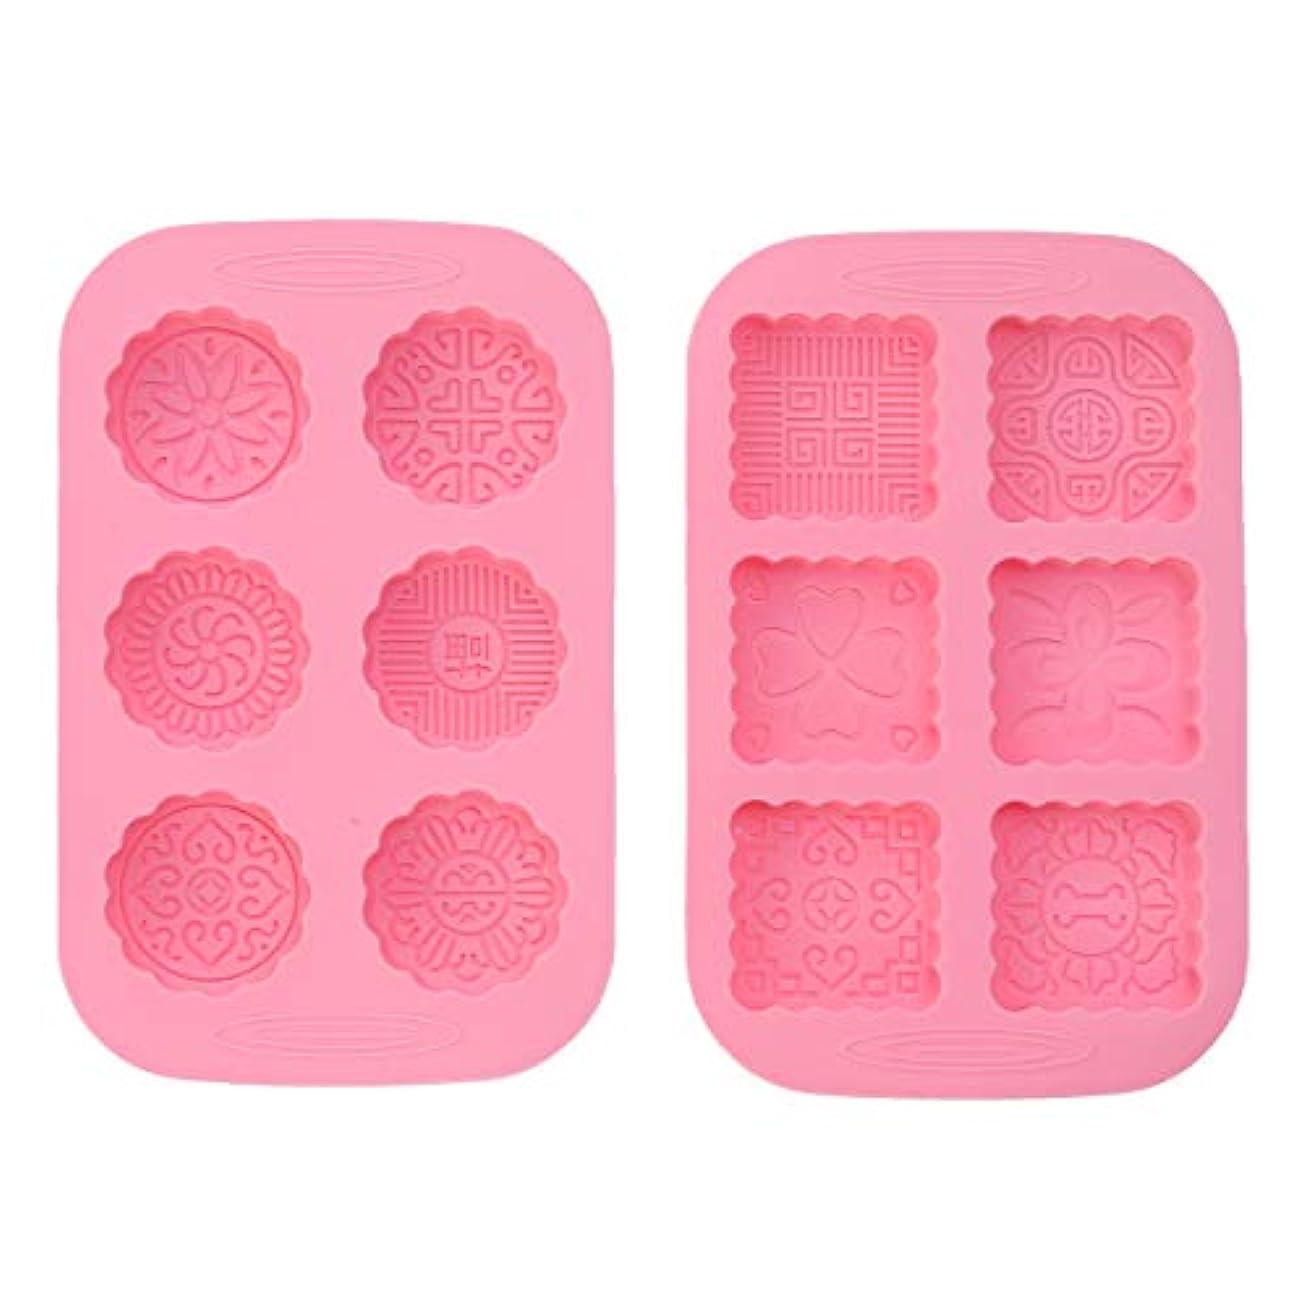 異議投資手配するSUPVOX 2本シリコンケーキマフィンムーンケーキ型花型金型DIYフォンダンショコラキャンディ金型アイスゼリーソープキューブトレイ(ピンク)